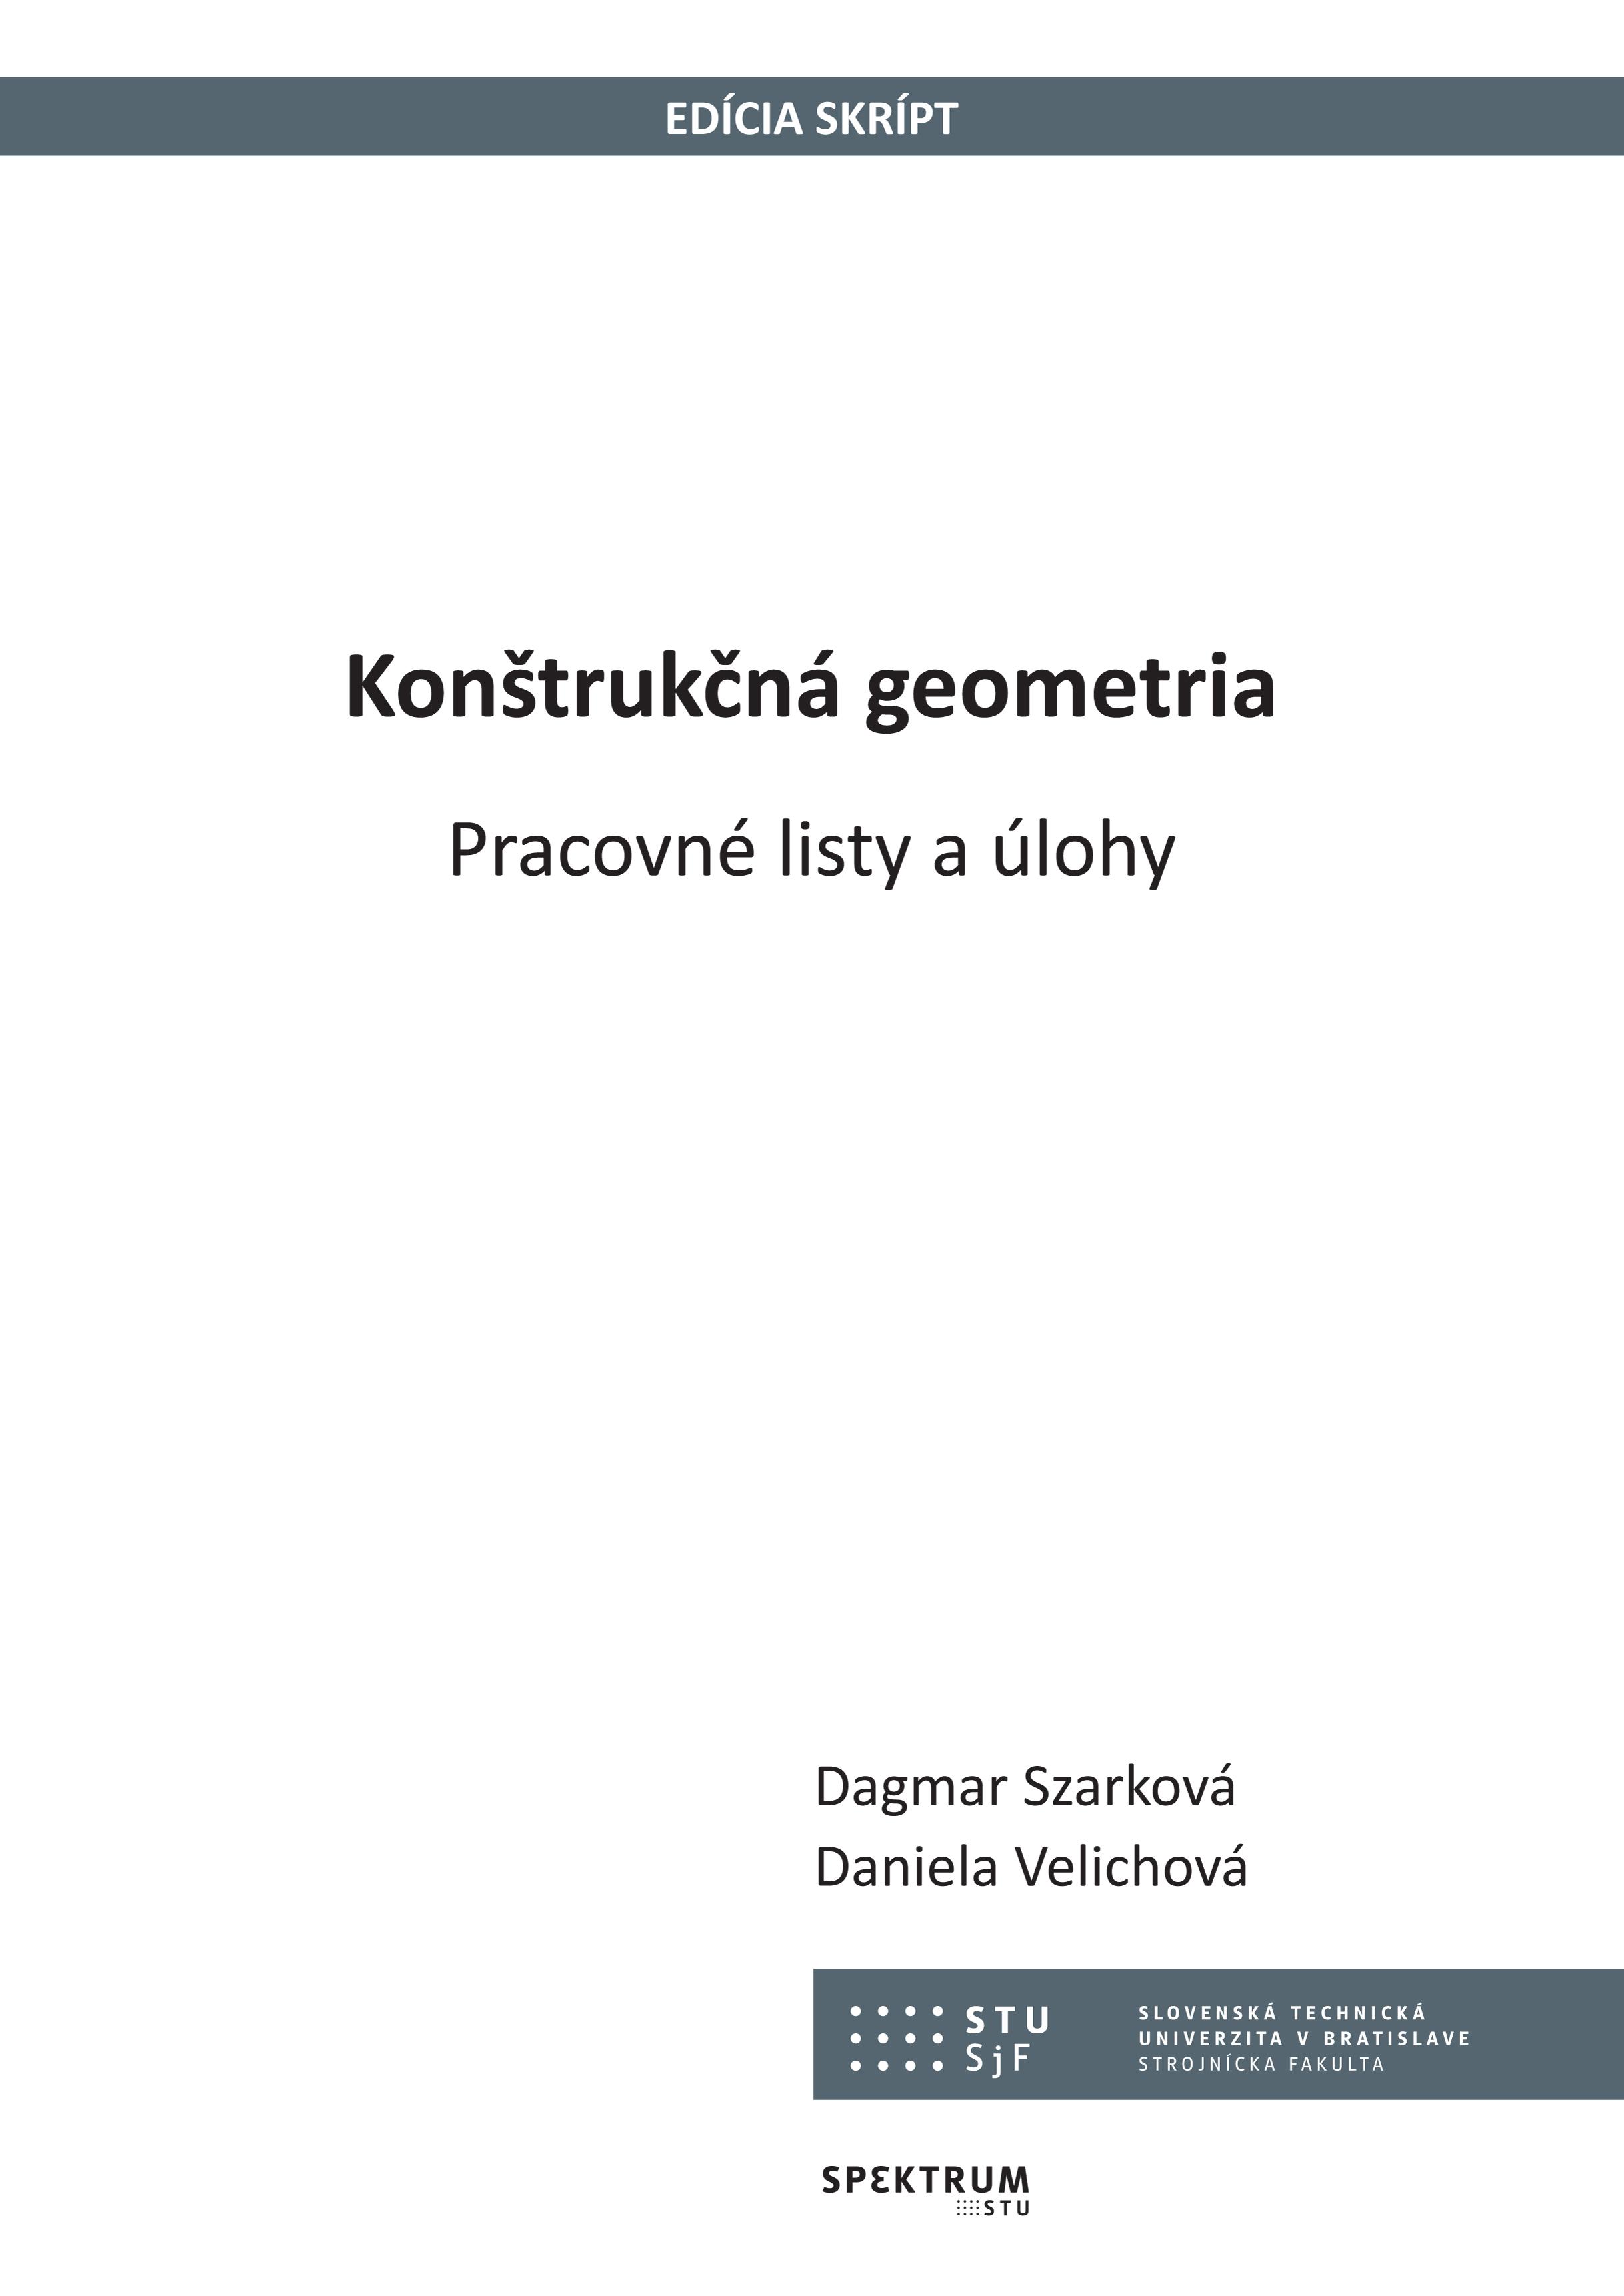 Konštrukčná geometria, Pracovné listy a úlohy 1